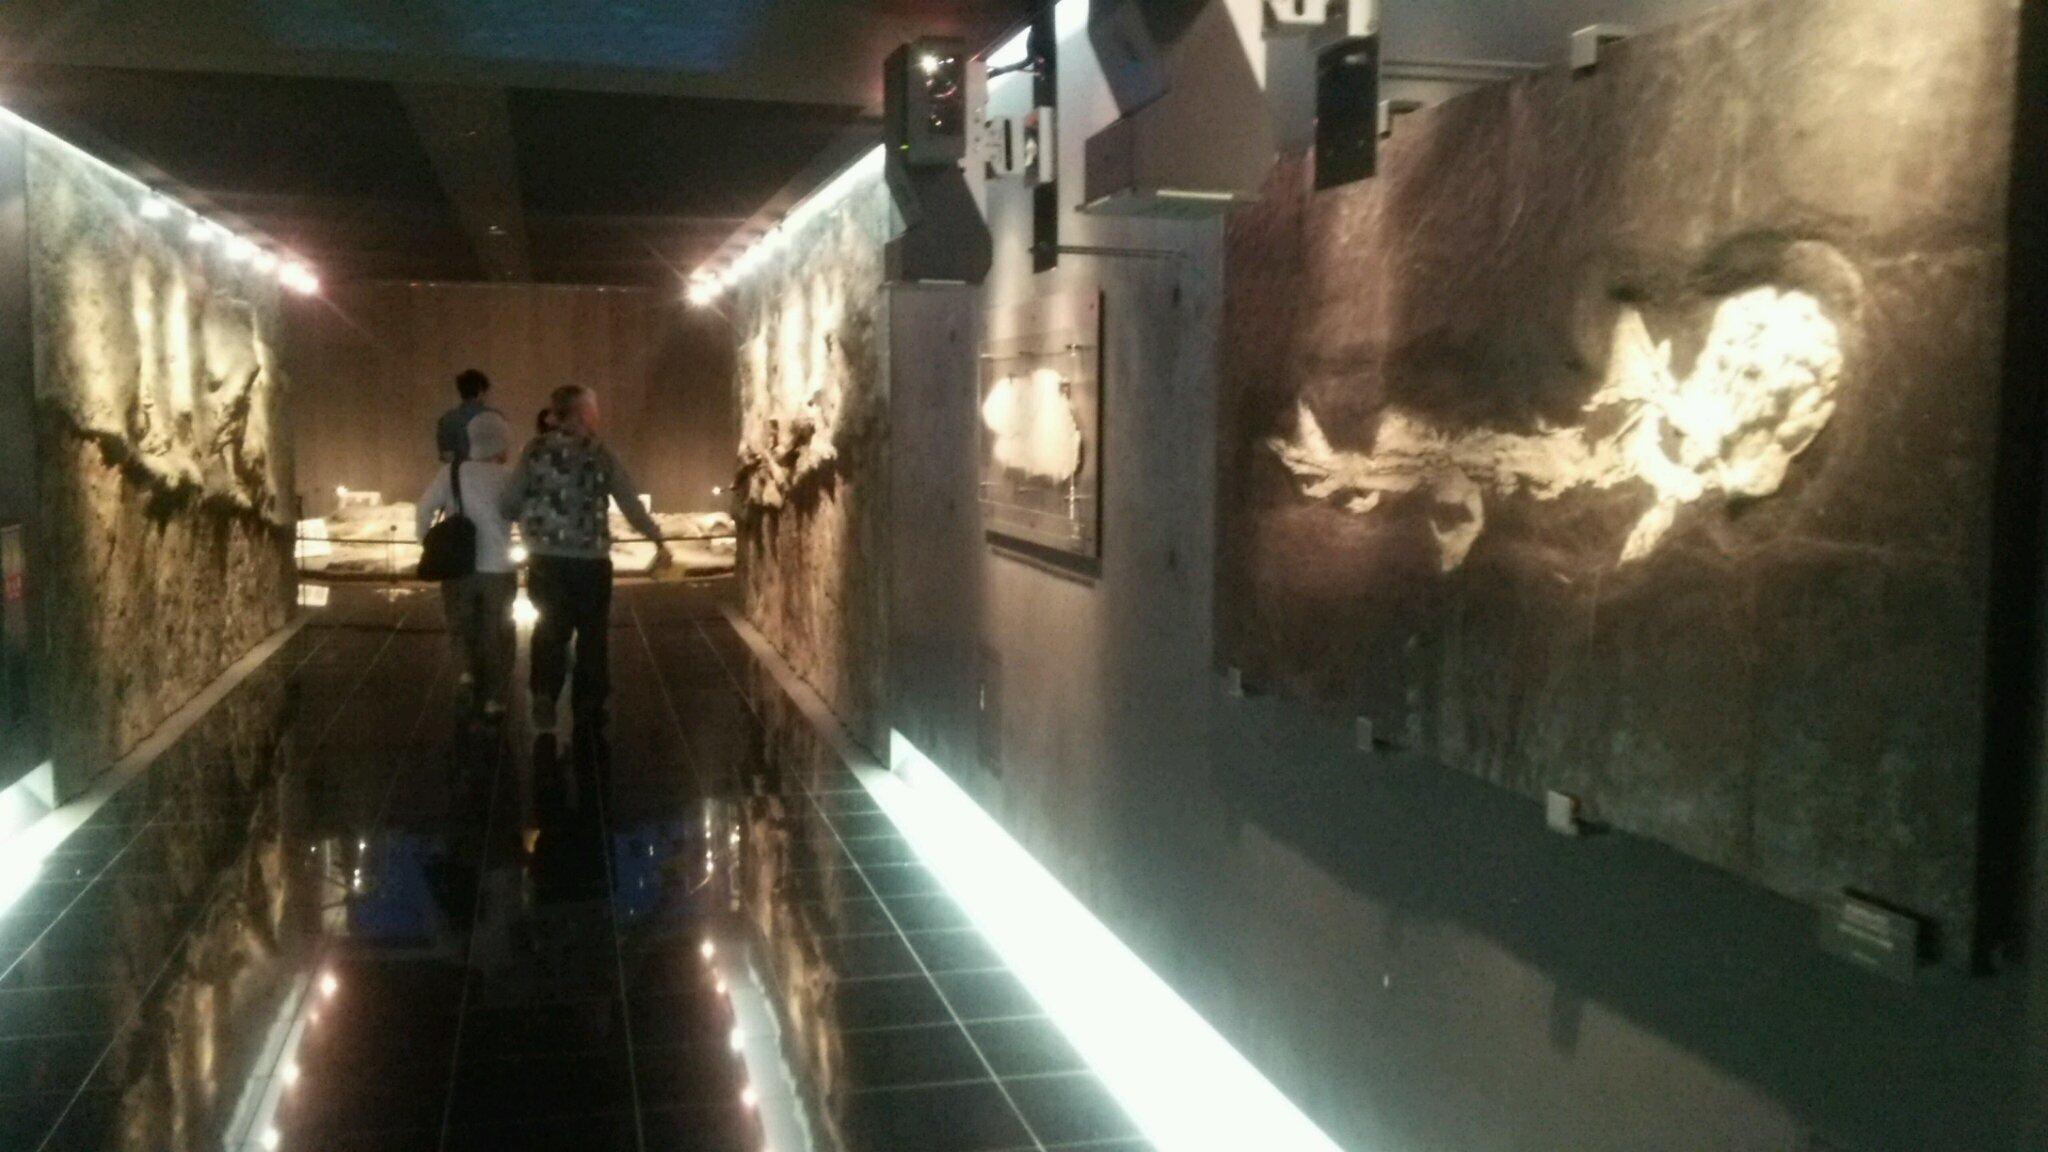 恐竜博物館へ行き、ビックリがいっぱい! 福井は最高!_e0119092_11092263.jpg